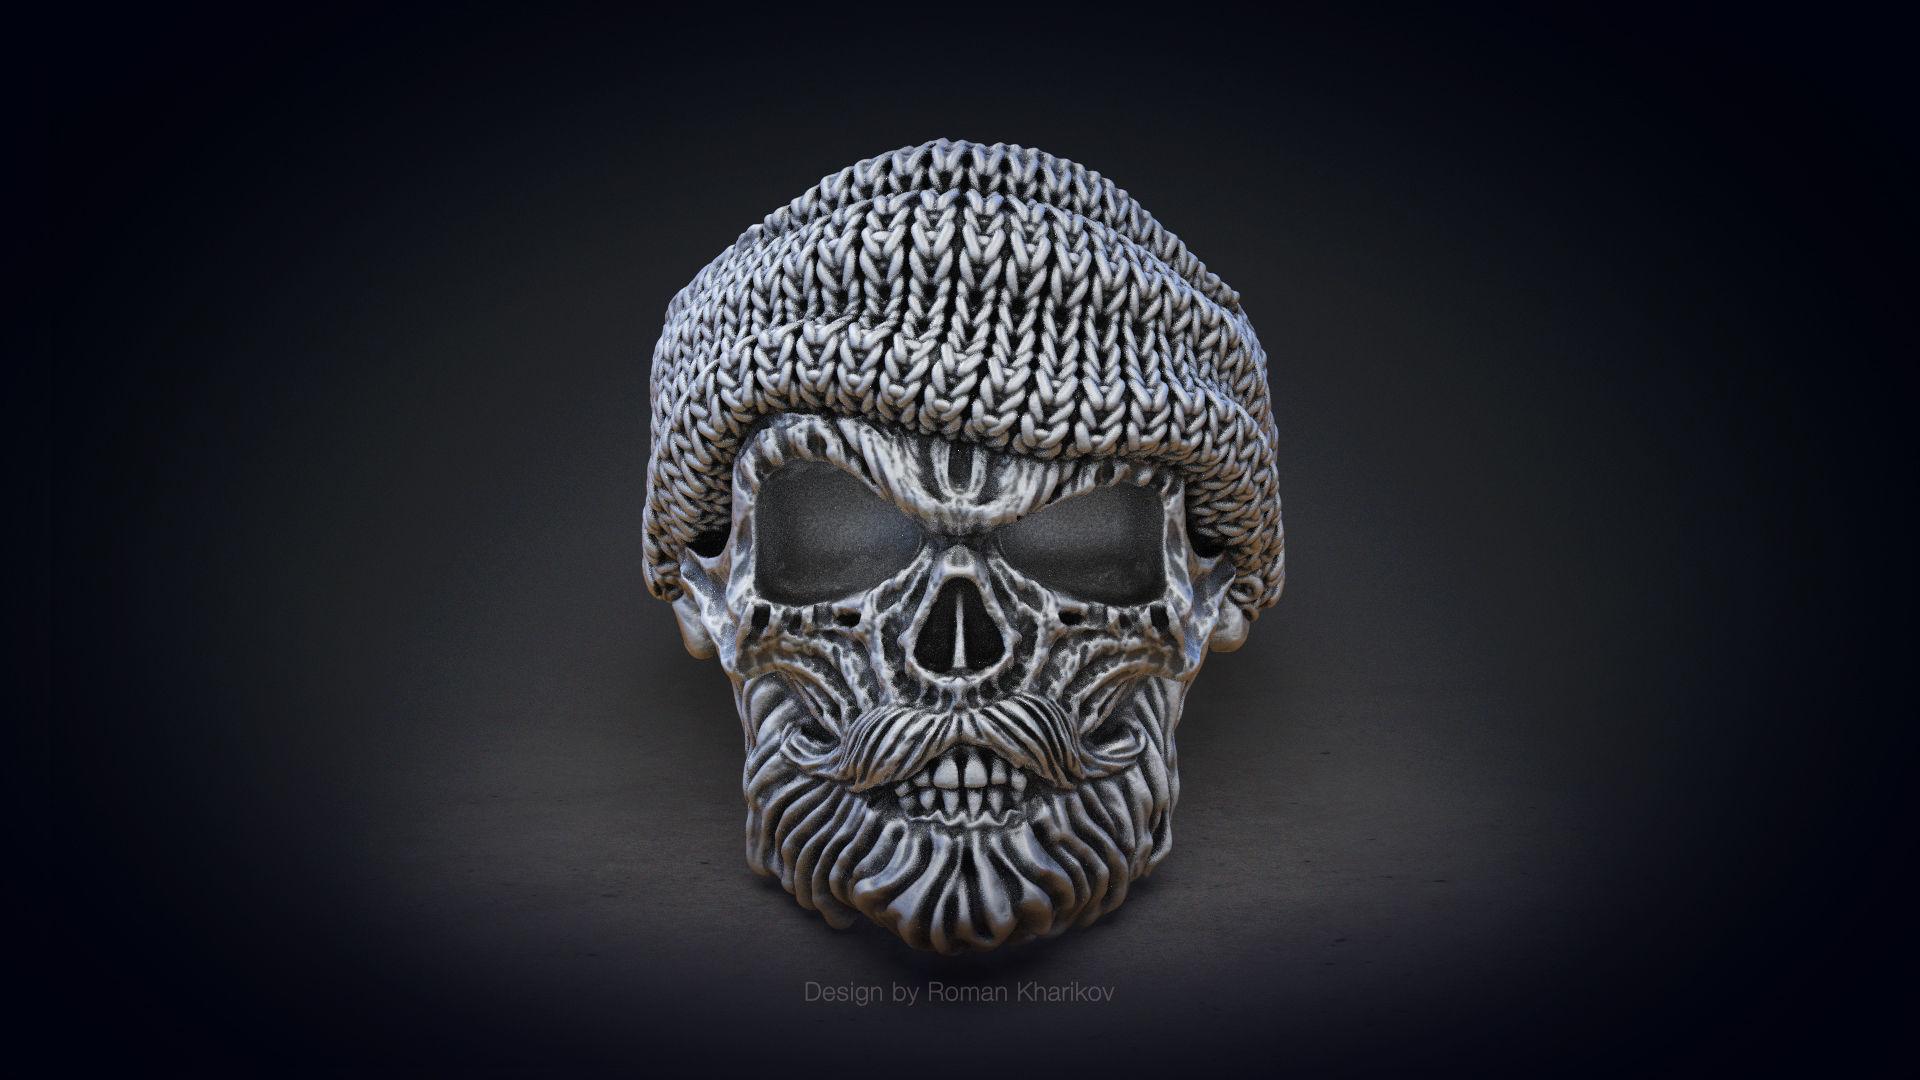 Skull ring with beard 3d model for 3d printing